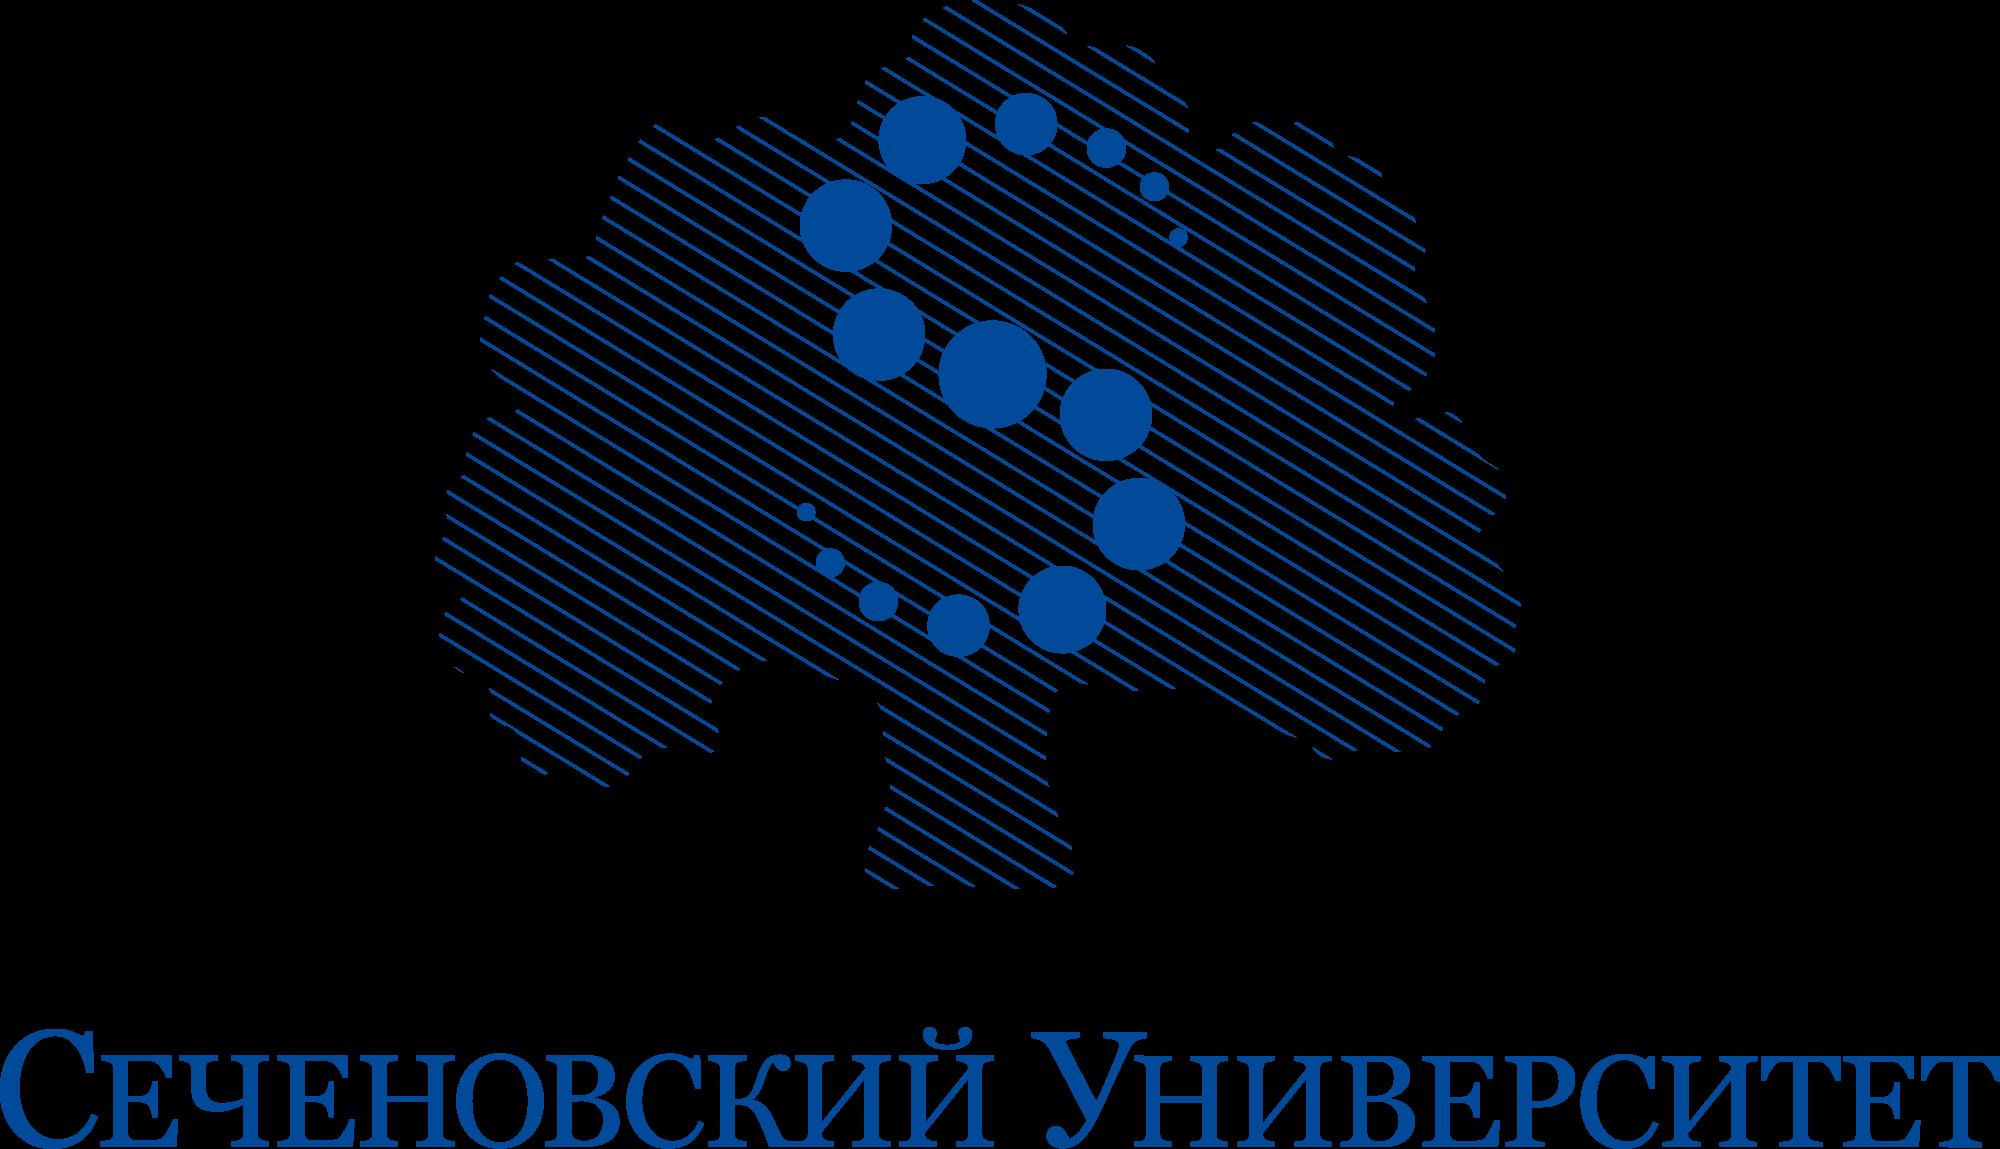 Логотип Сеченовского университета (ФГАОУ ВО Первый МГМУ им. И.М. Сеченова)